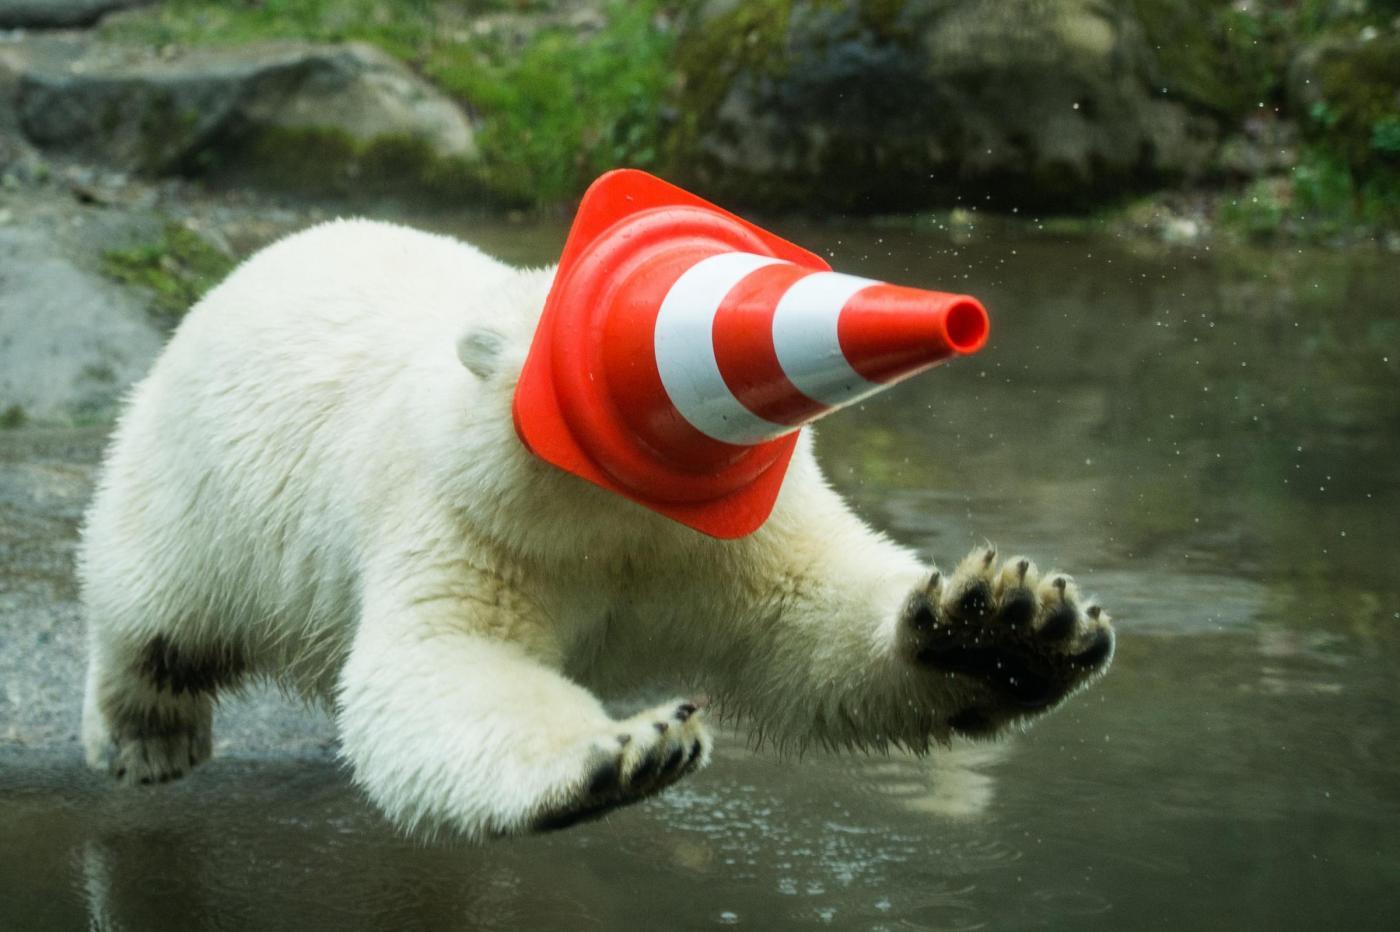 Nela e Nobby, i due orsi polari che giocano col birillo05